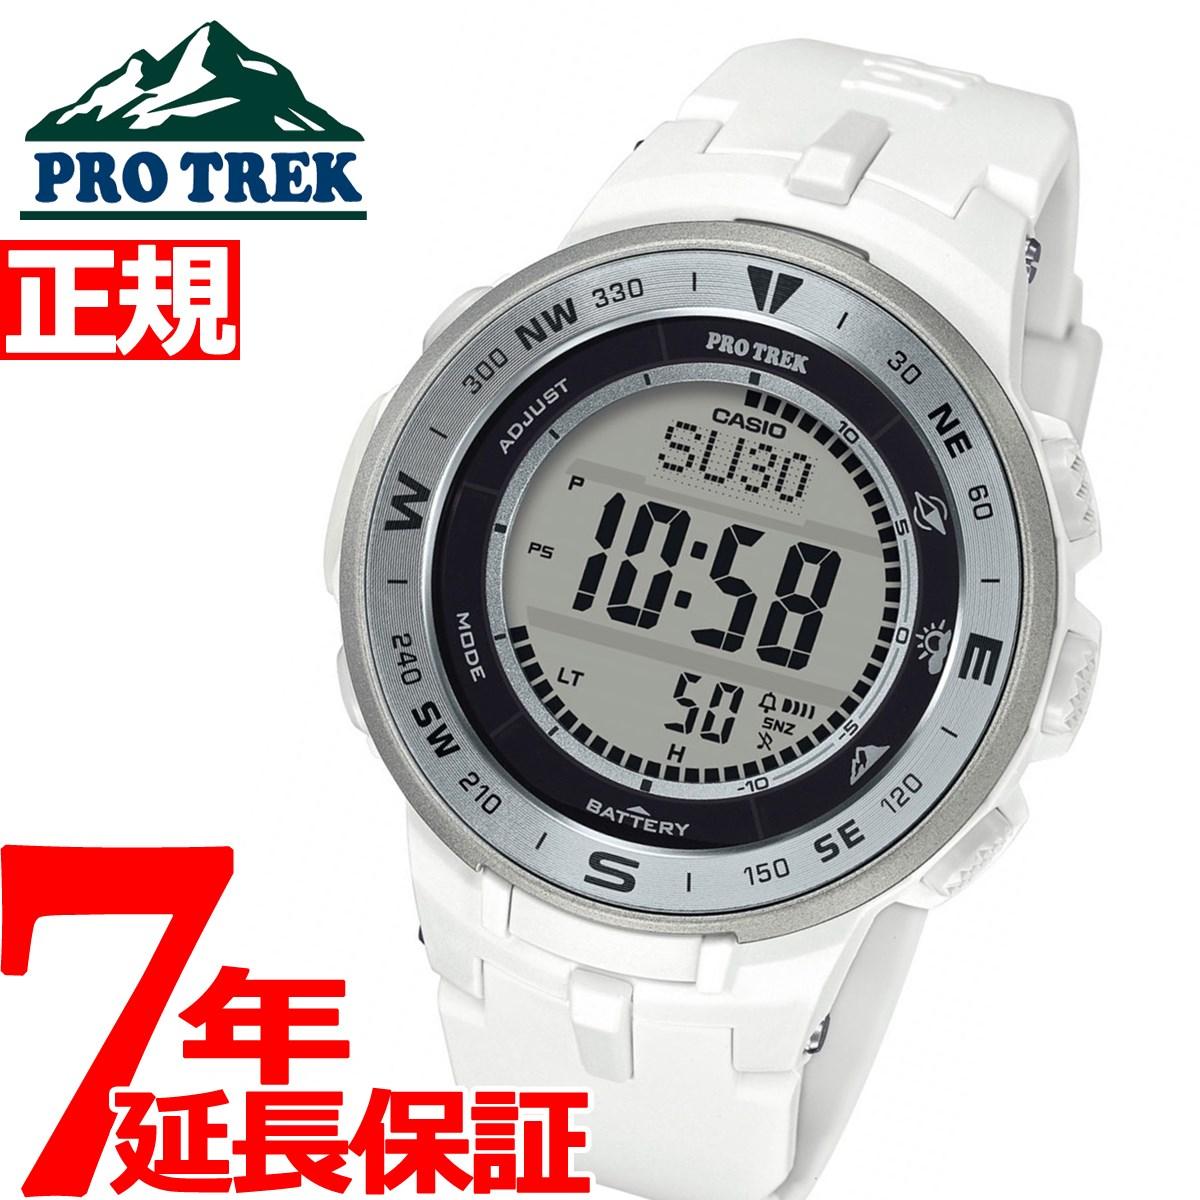 【お買い物マラソンは当店がお得♪本日20より!】カシオ プロトレック CASIO PRO TREK ソーラー 腕時計 メンズ タフソーラー PRG-330-7JF【2018 新作】